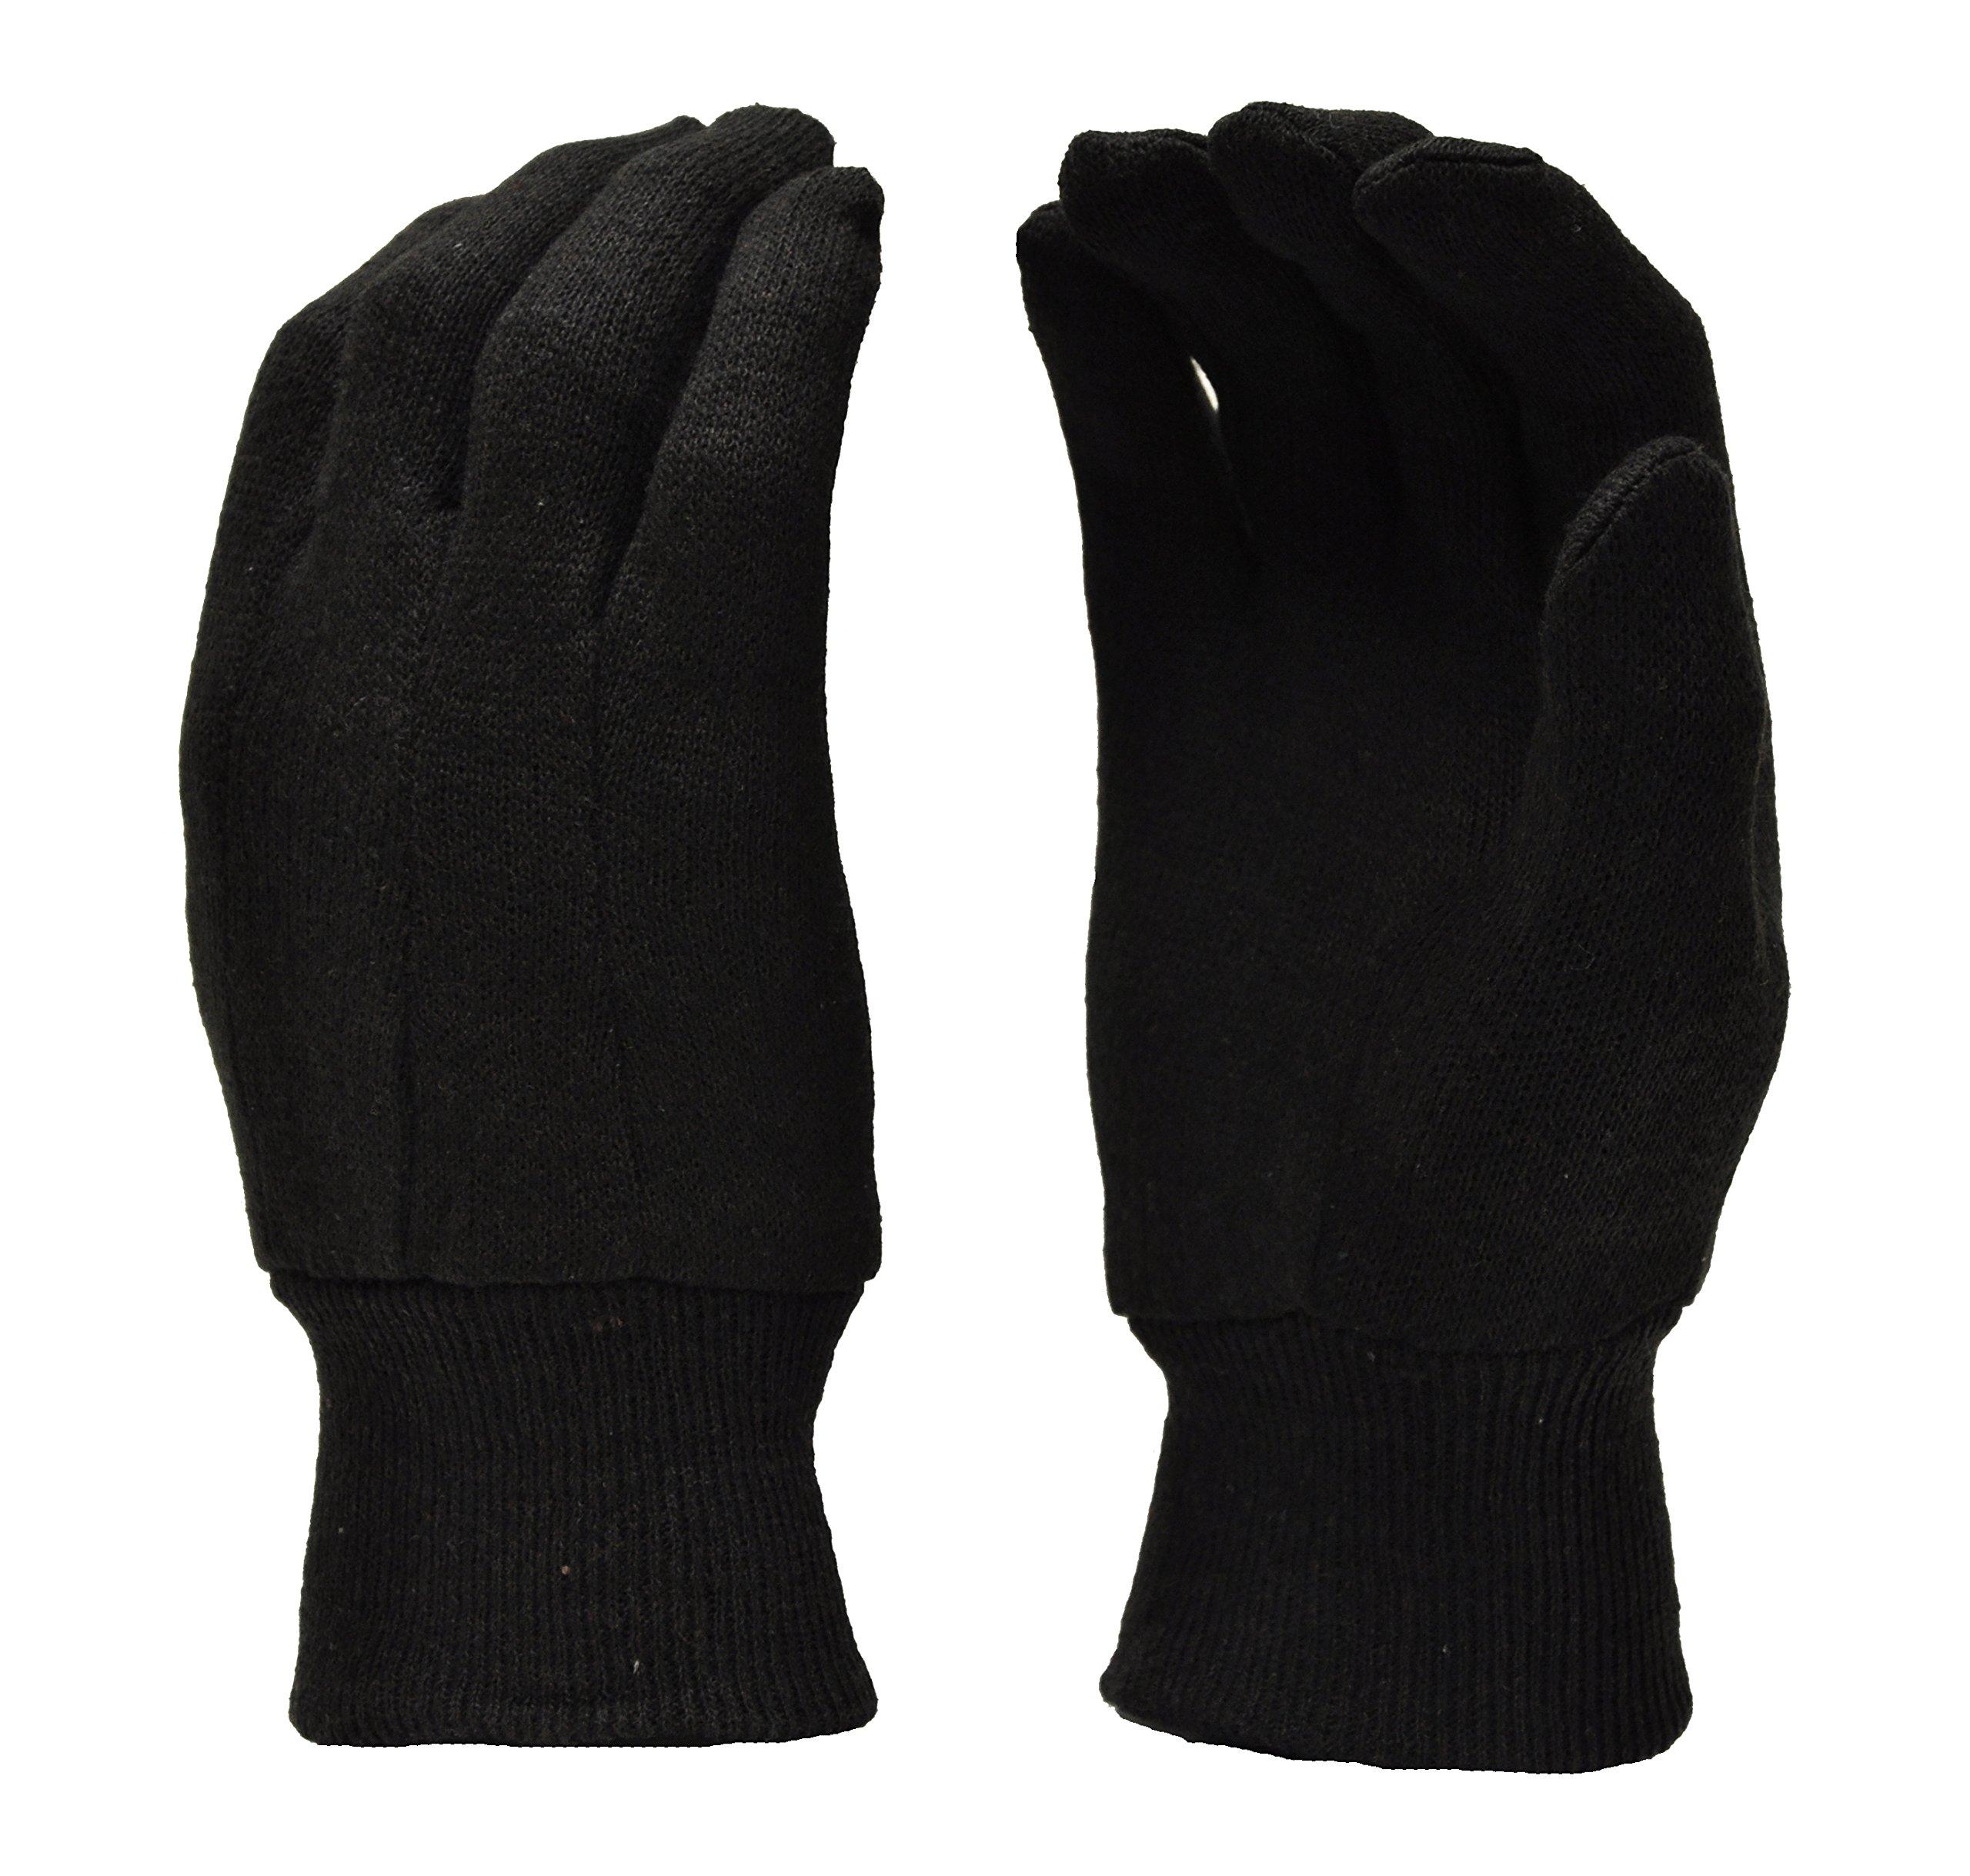 G & F 4408-25 Heavy Weight 9oz Cotton Brown Jersey Work Gloves, Large, 25-Dozen